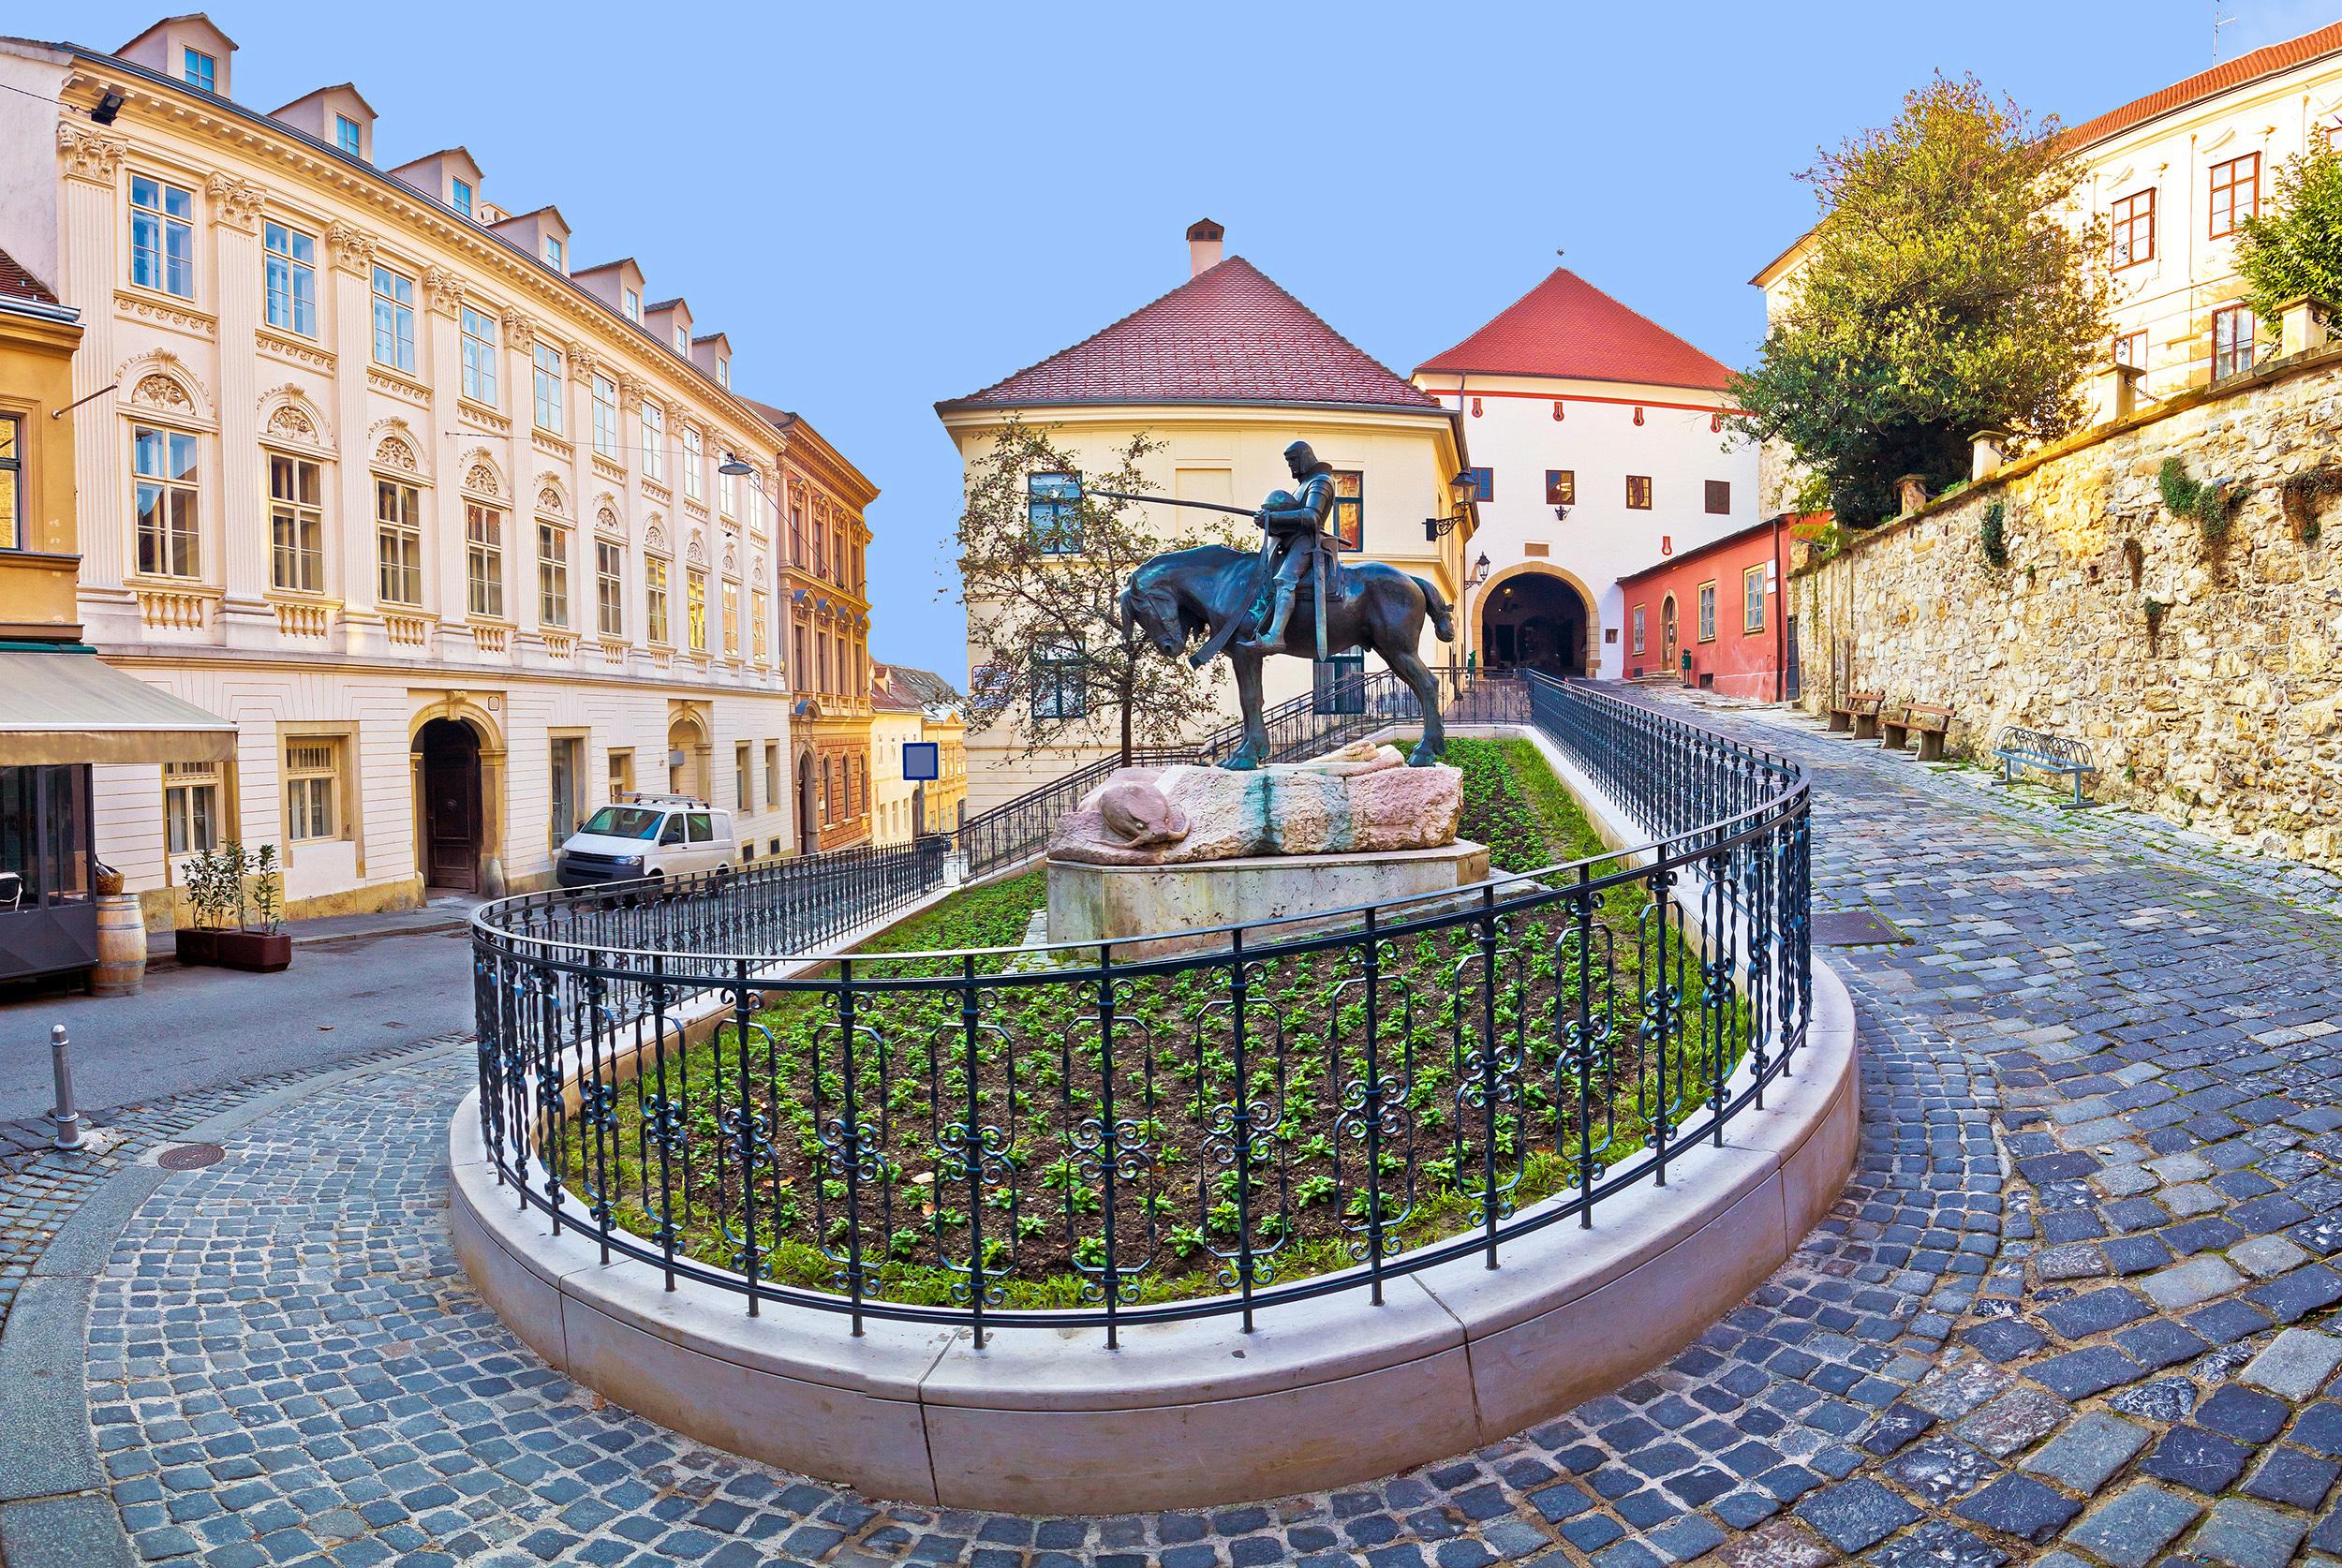 Ponle una vela a la virgen más venerada de Zagreb - Croacia Circuito Croacia Total: de Zagreb a Dubrovnik